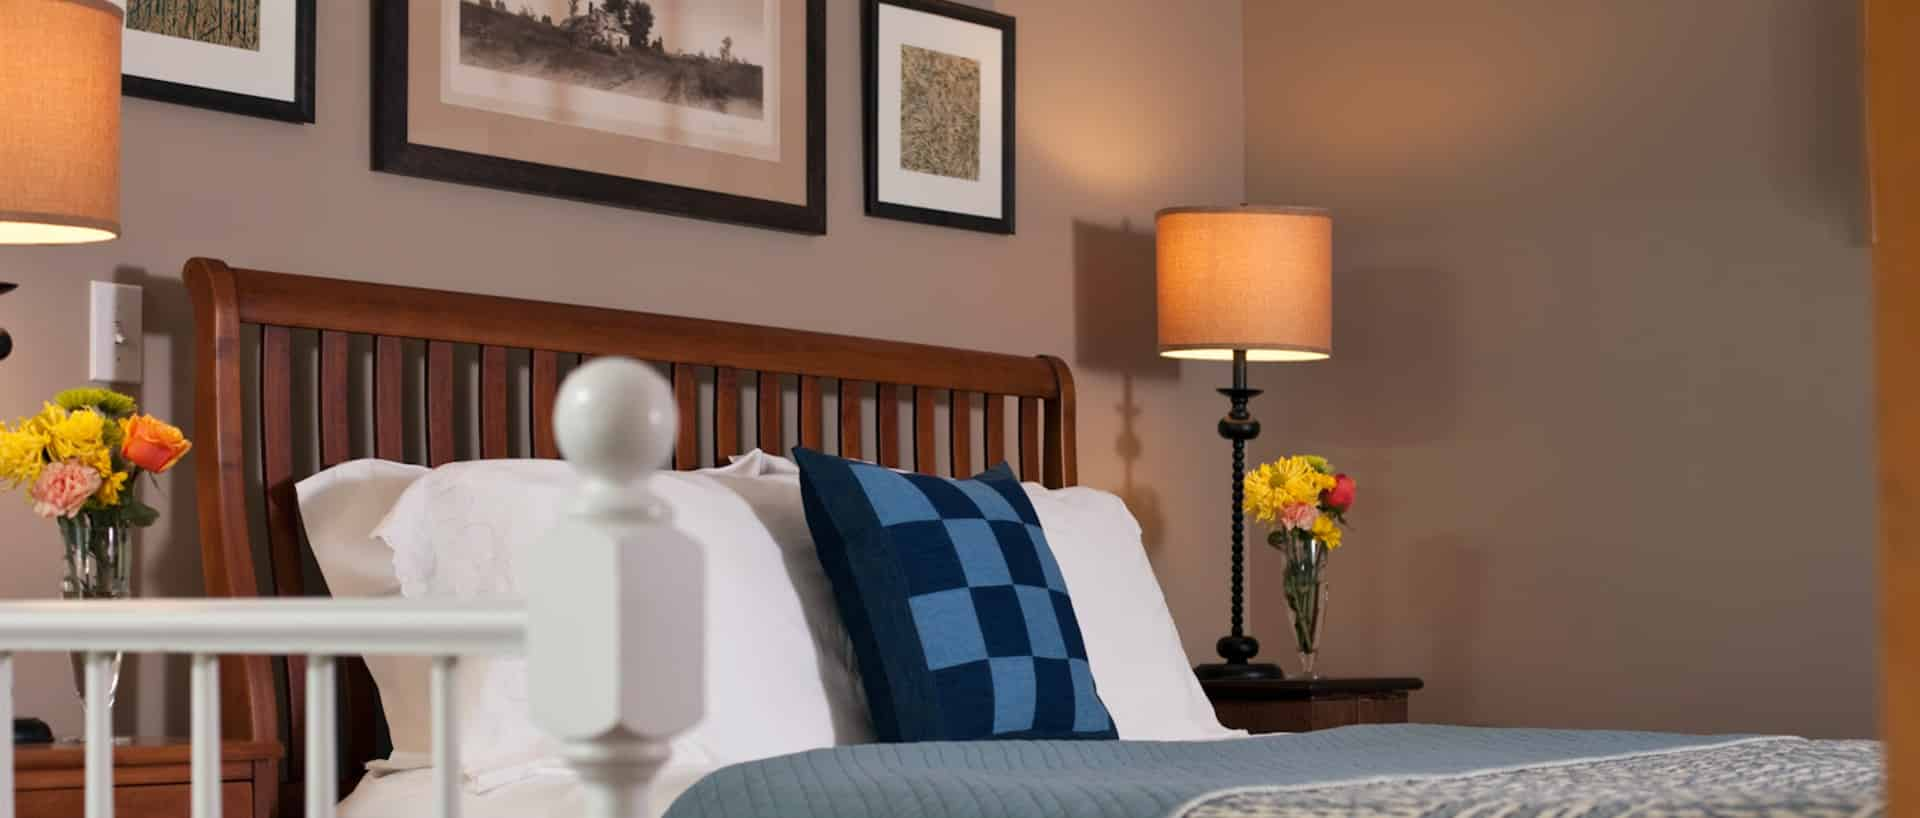 Dark blue striped bedspread with slate headboard